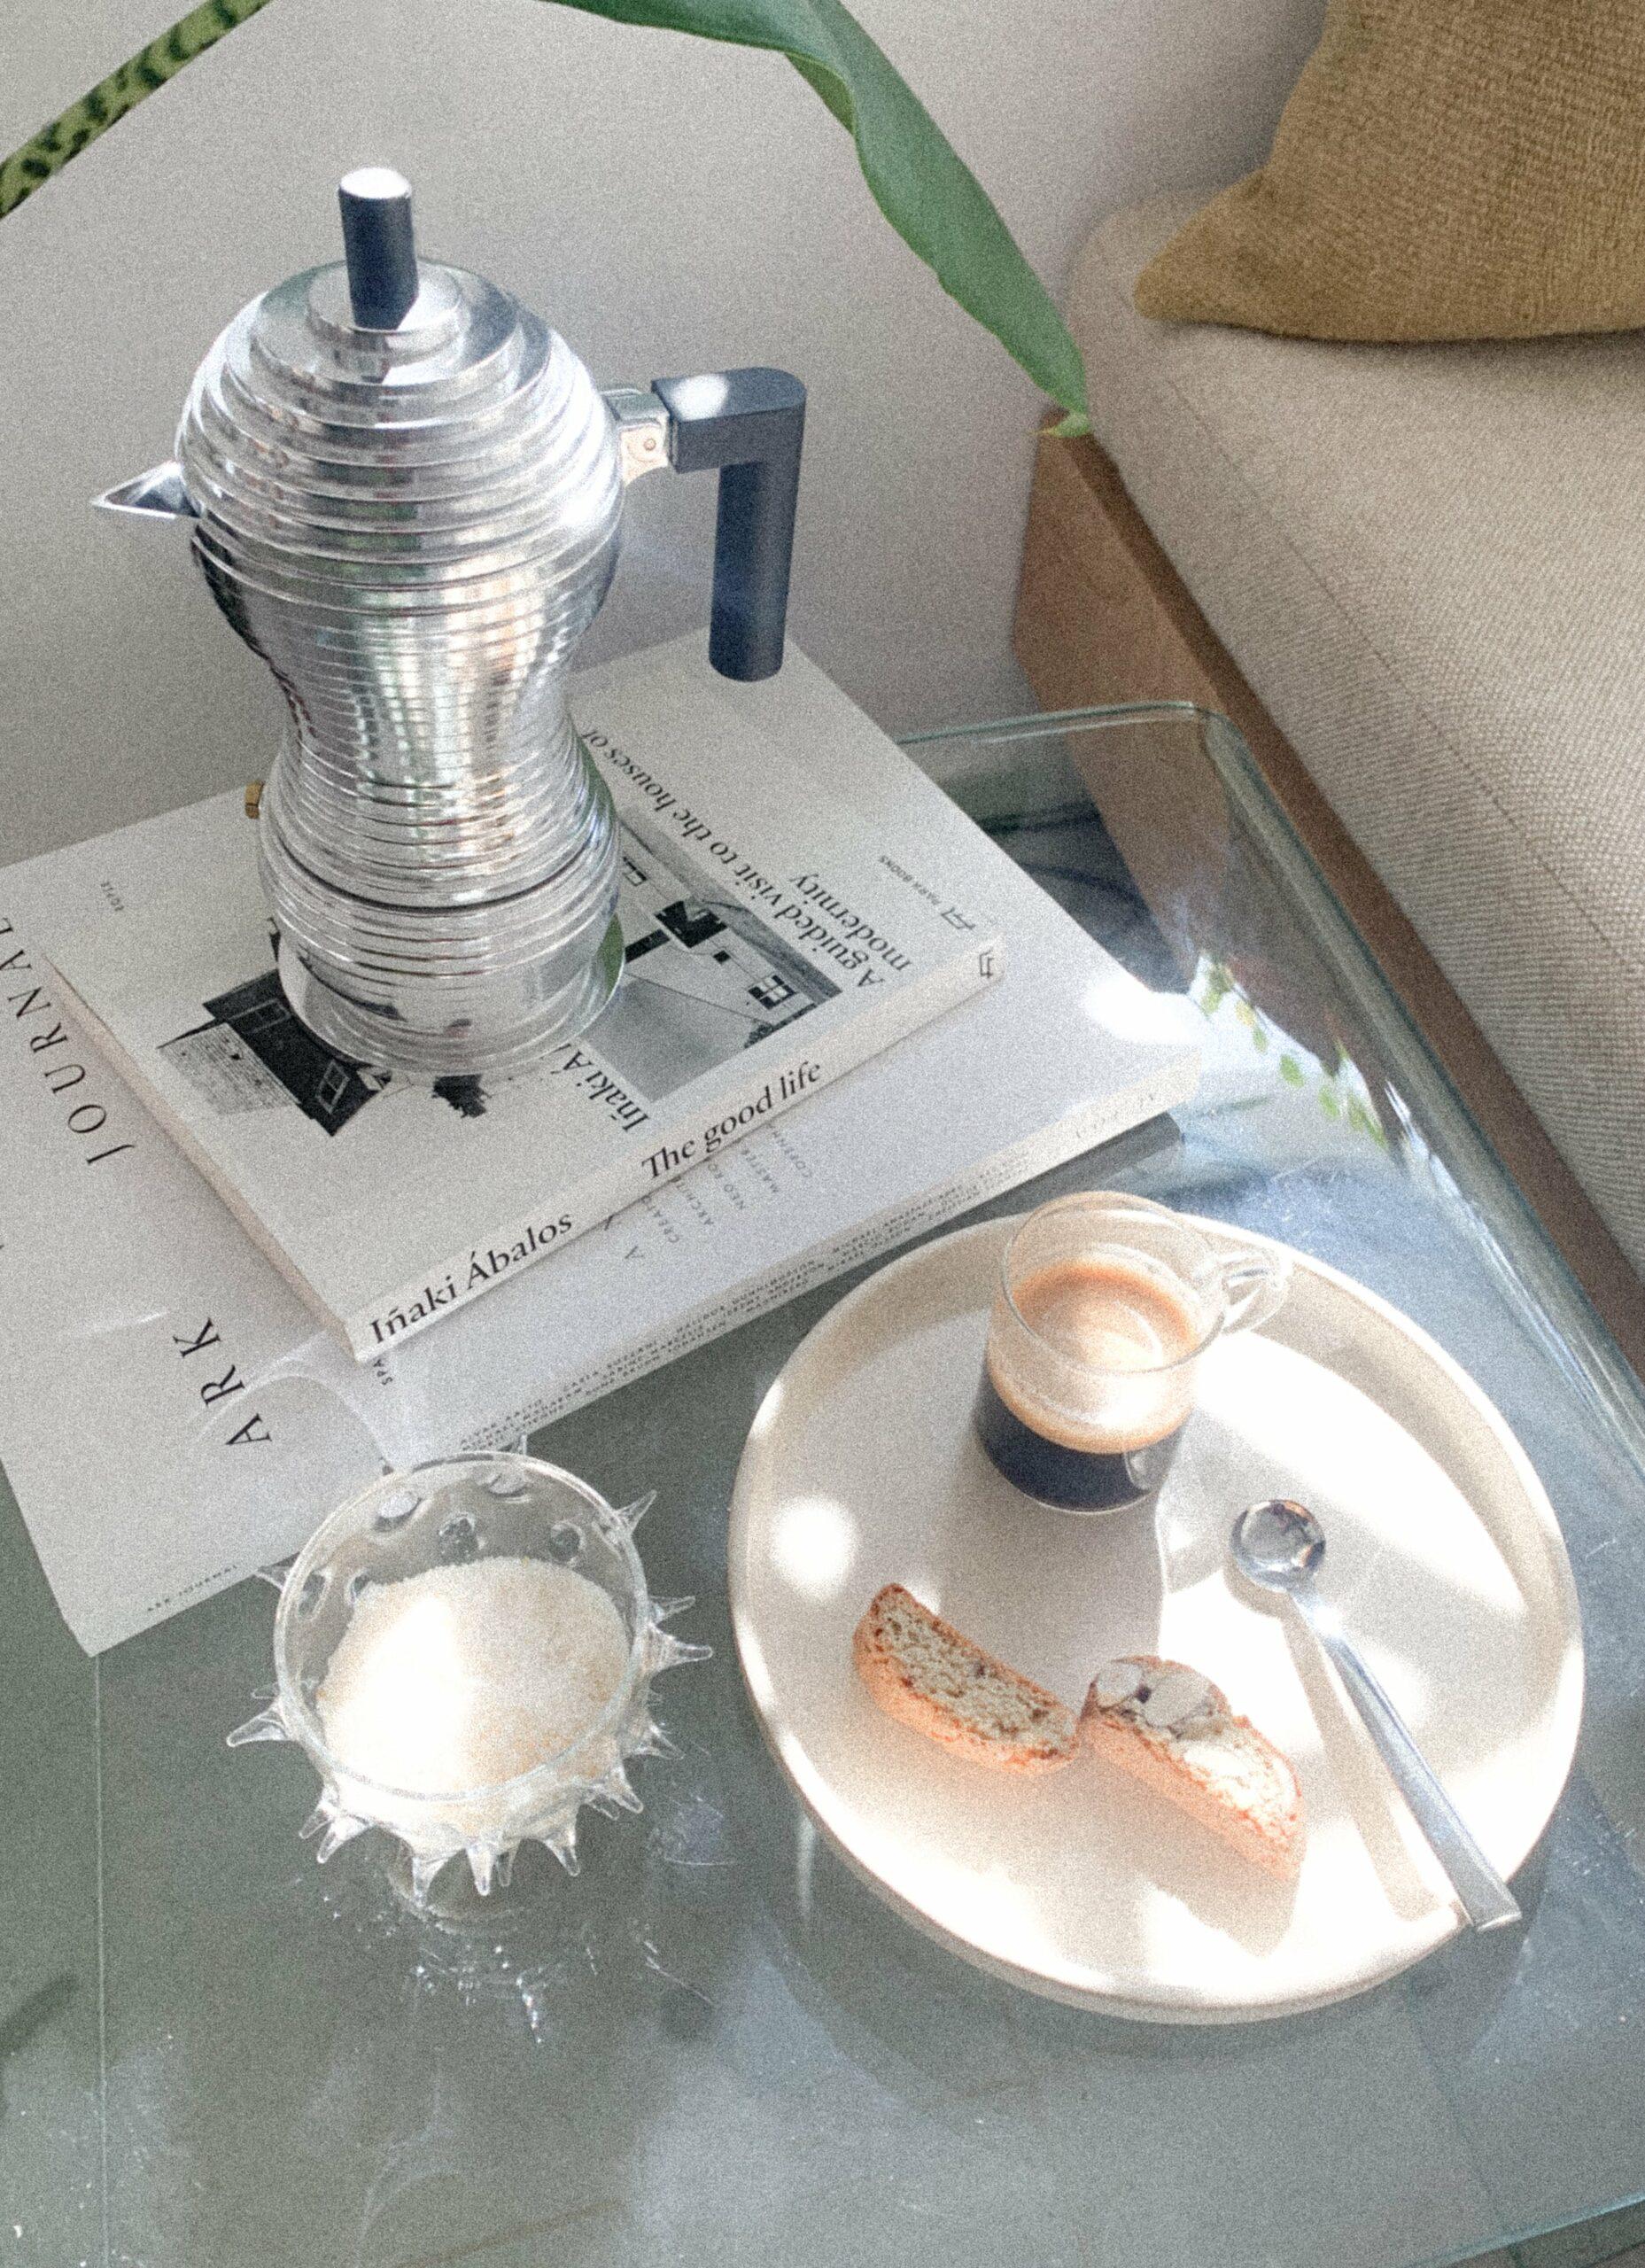 Alessi - Pulcina - Michele de Lucchi - Mocha Coffee Maker - 3 cups